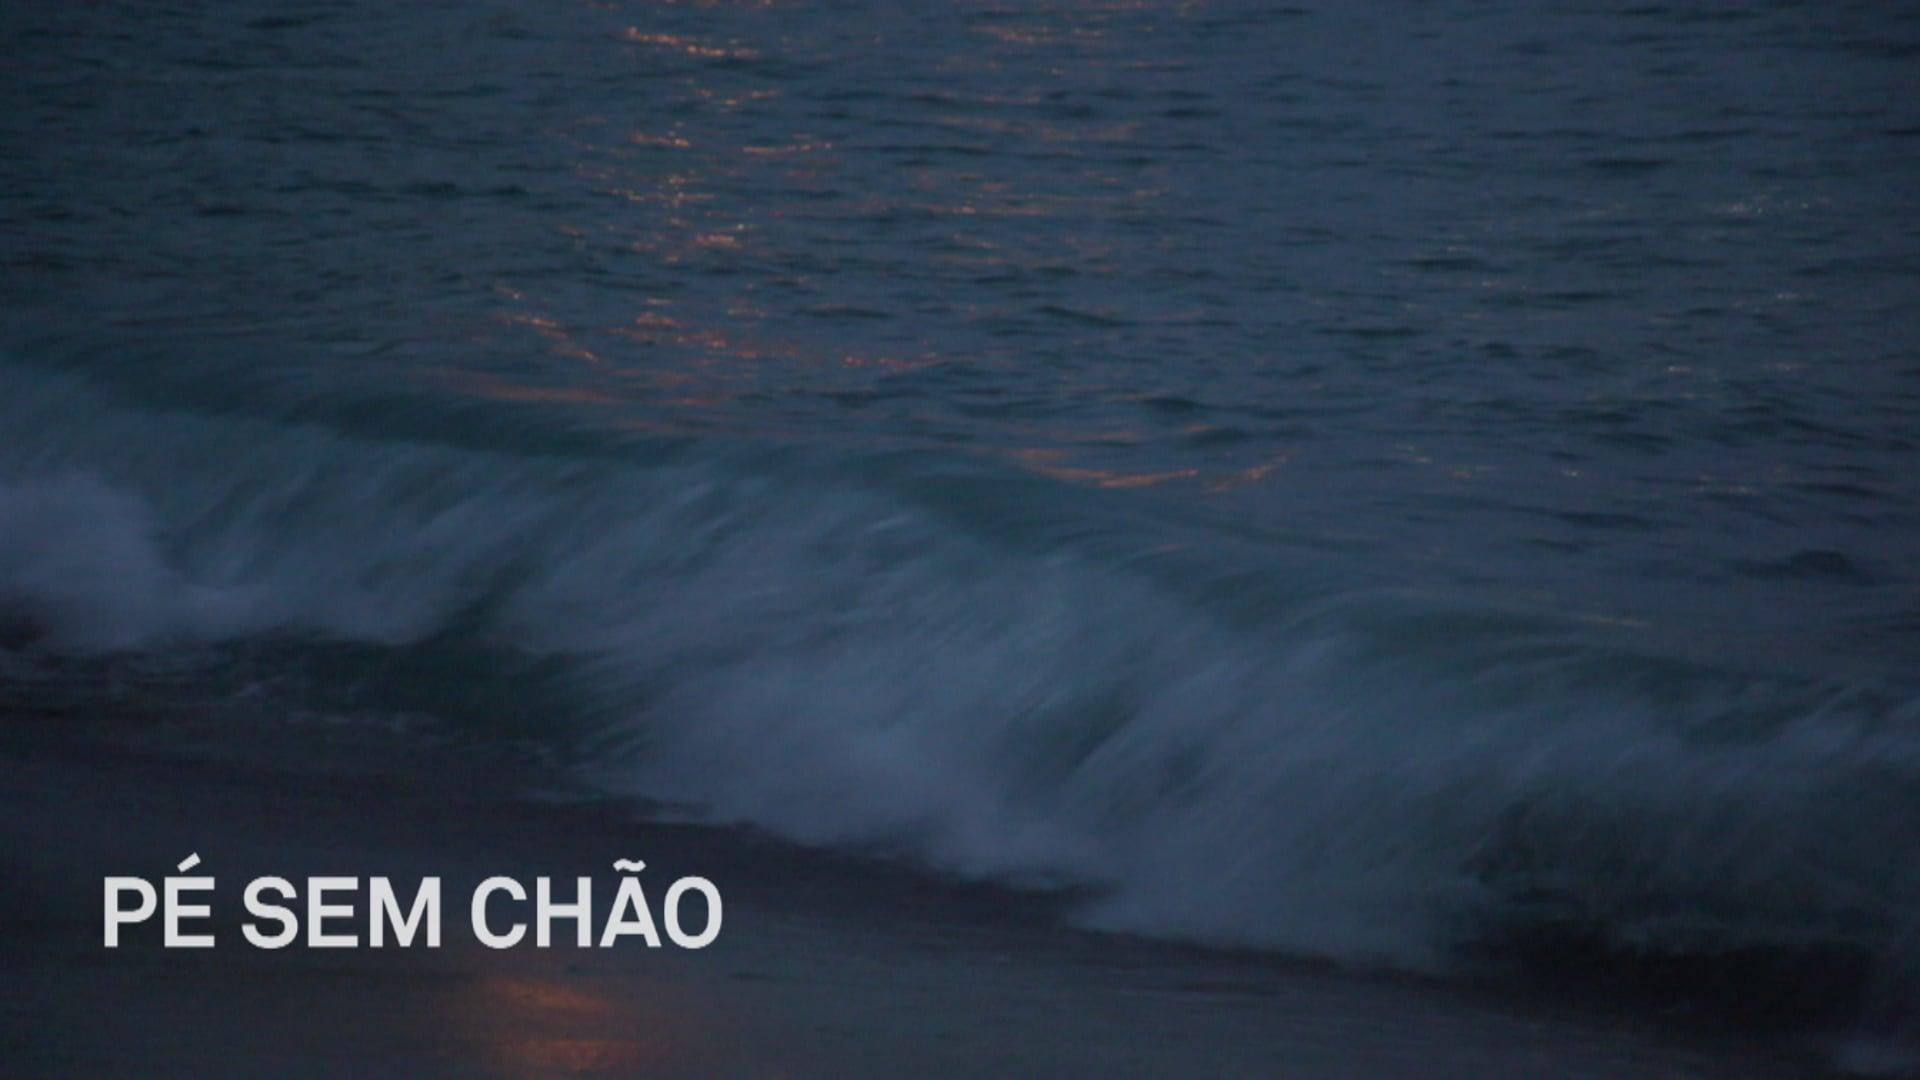 Pé sem chão | Curta-metragem | 2014